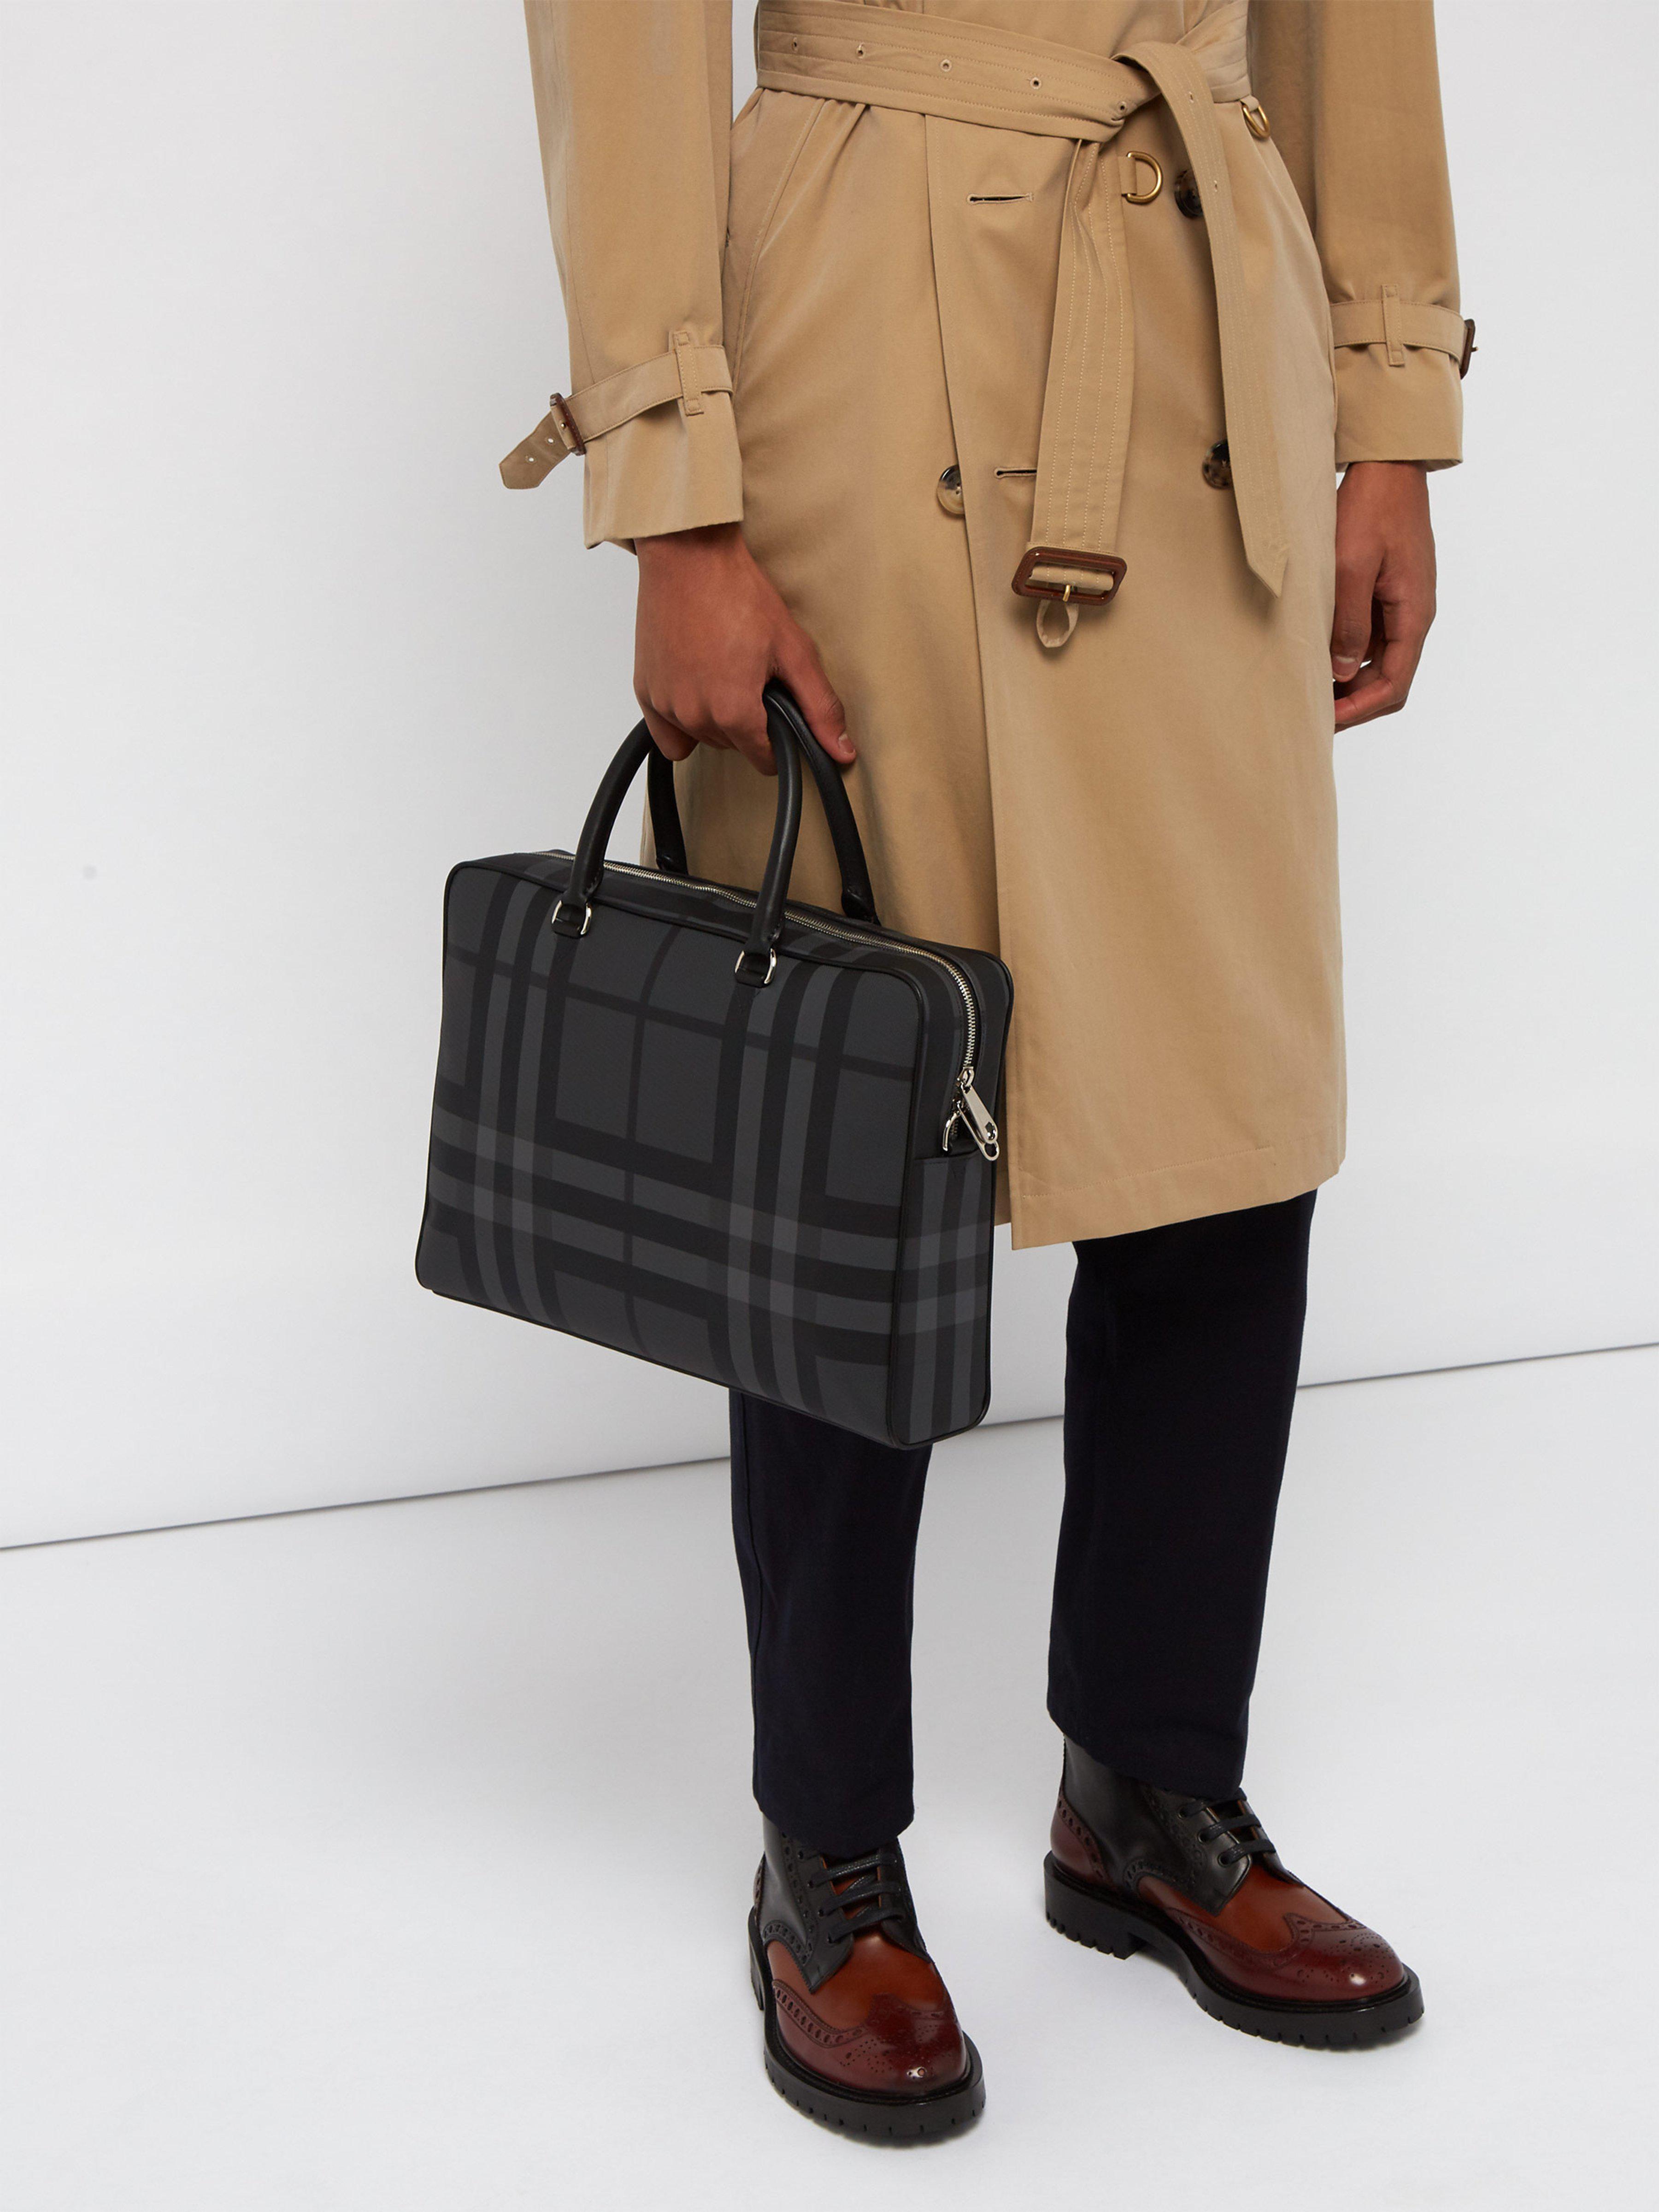 adf6bb514b2 Lyst - Serviette en cuir à motif London check Ainsworth Burberry pour homme  en coloris Gris